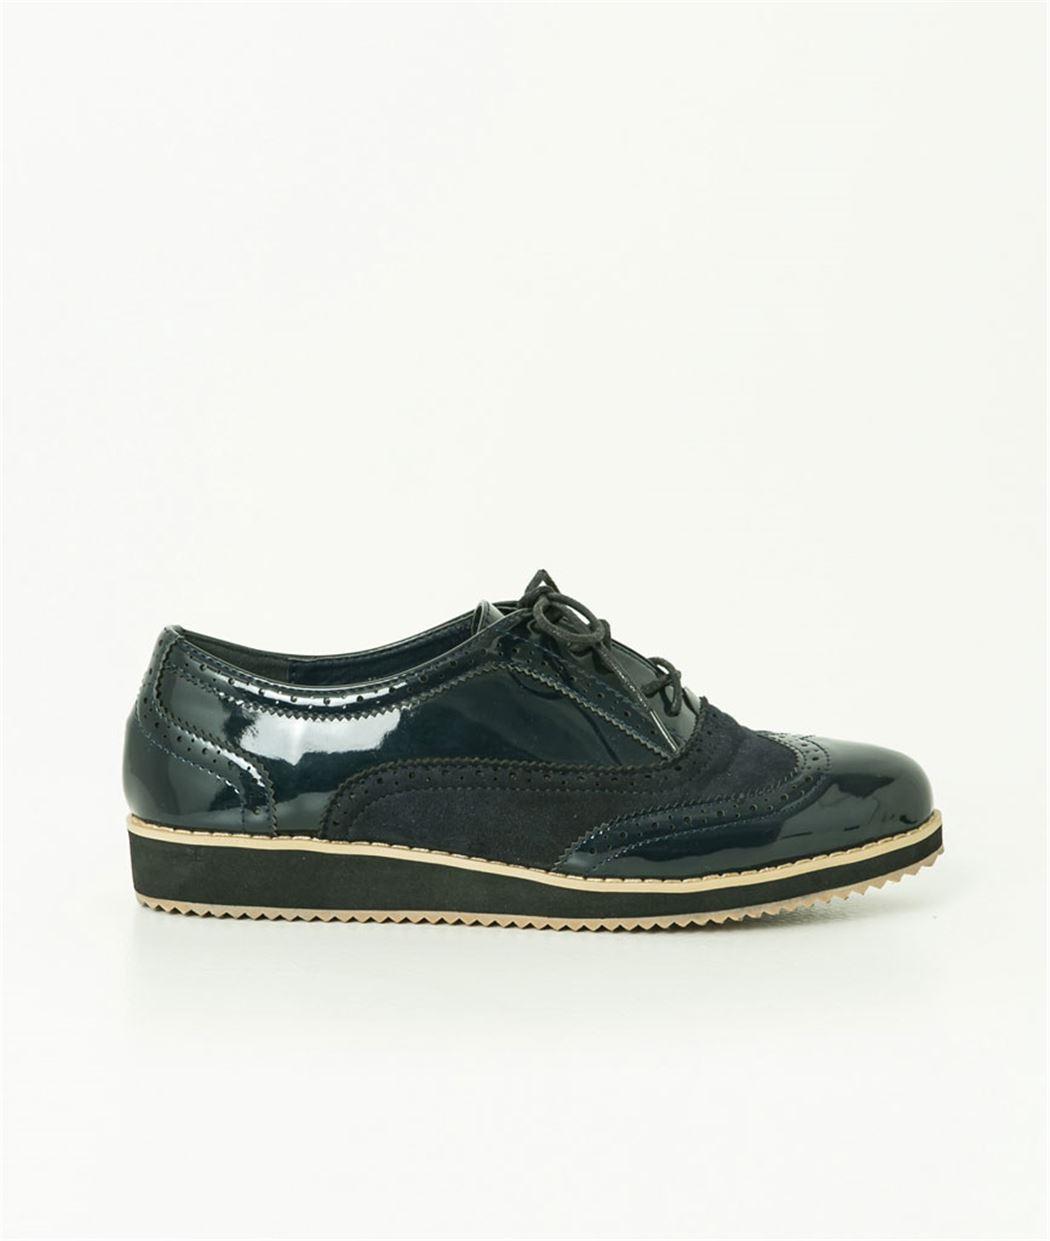 Chaussures femme cuir noir et doublure en cuir de veau